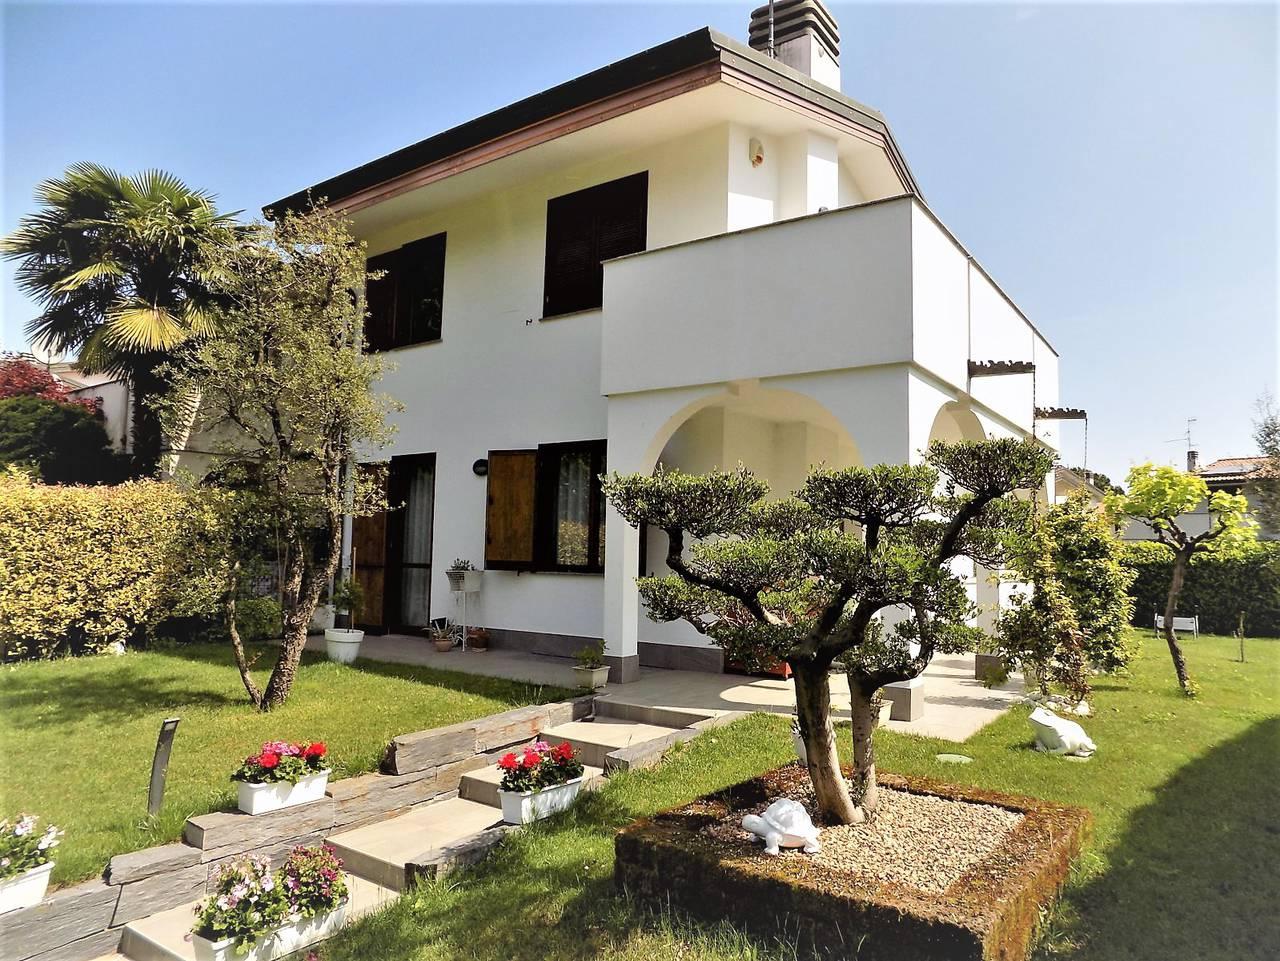 Climatizzazione - Porzione villa bifamigliare ristrutturata in vendita a Carnate - Monza e Brianza - 3